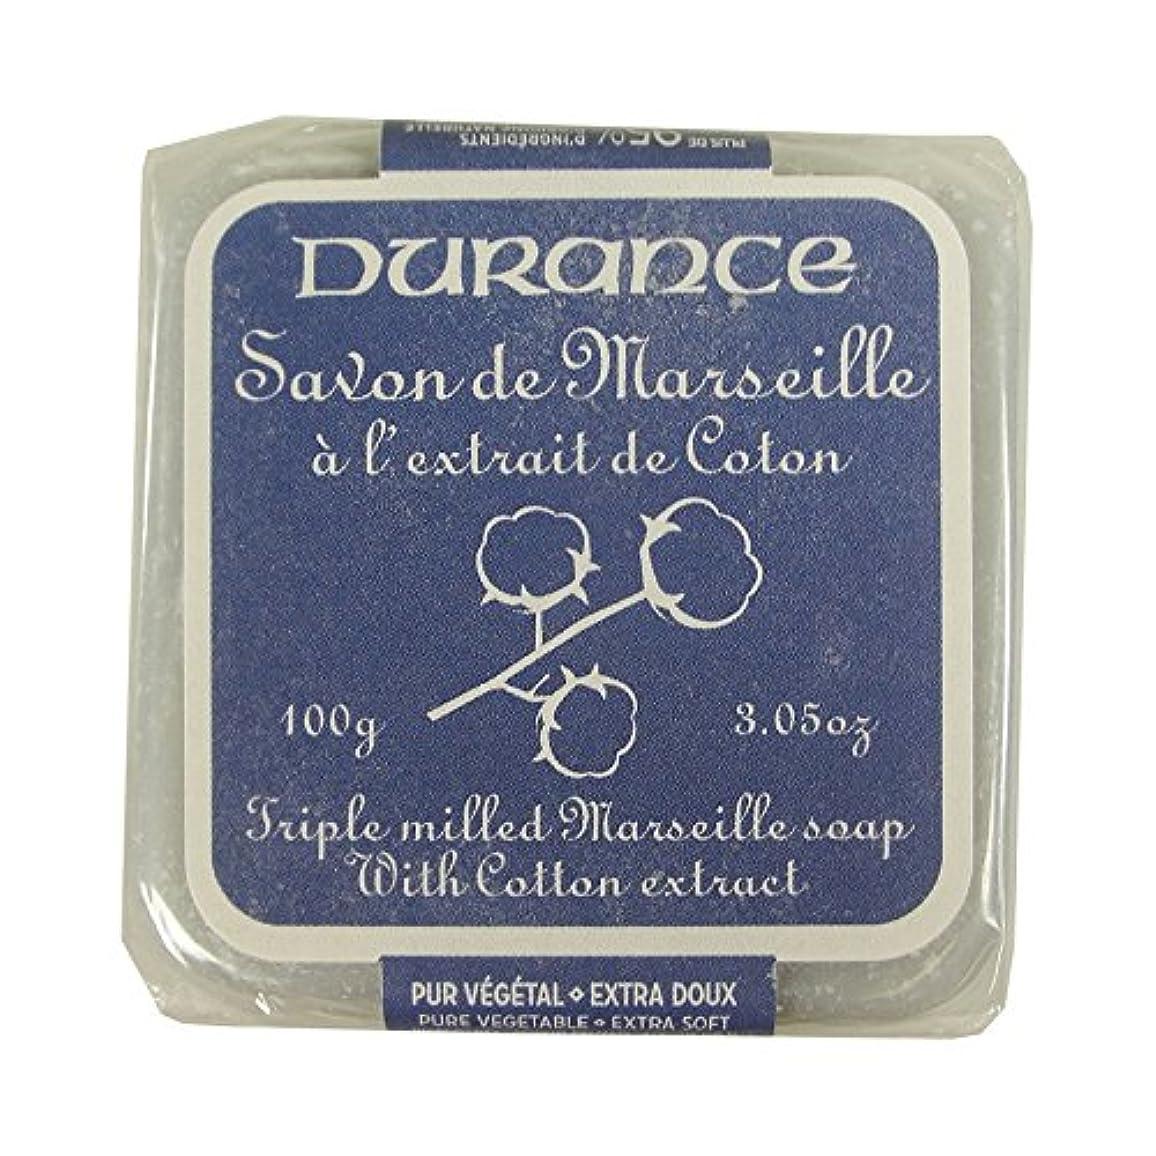 DURANCE(デュランス) マルセイユソープ 100g 「コットン」 3287570405481